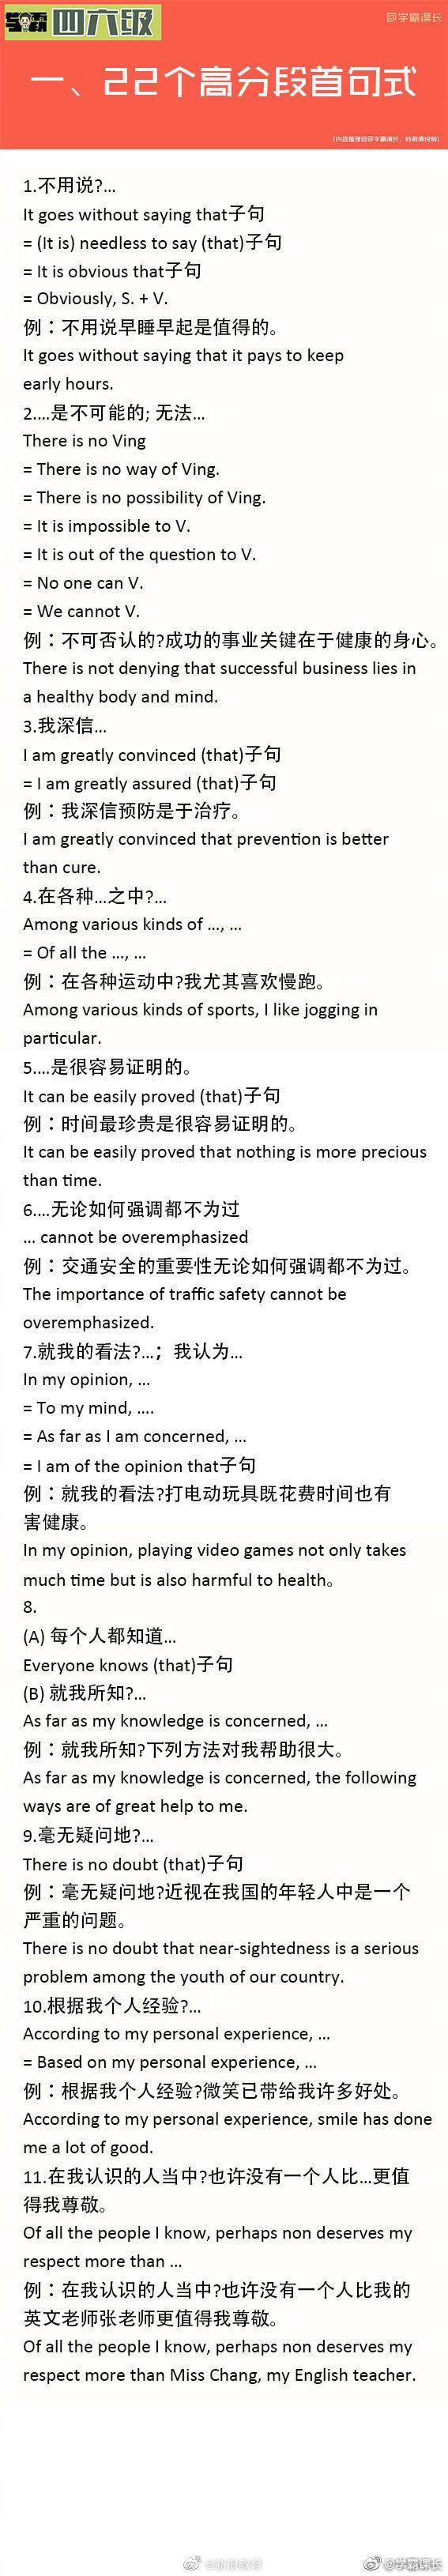 英语四六级考试高分作文句。